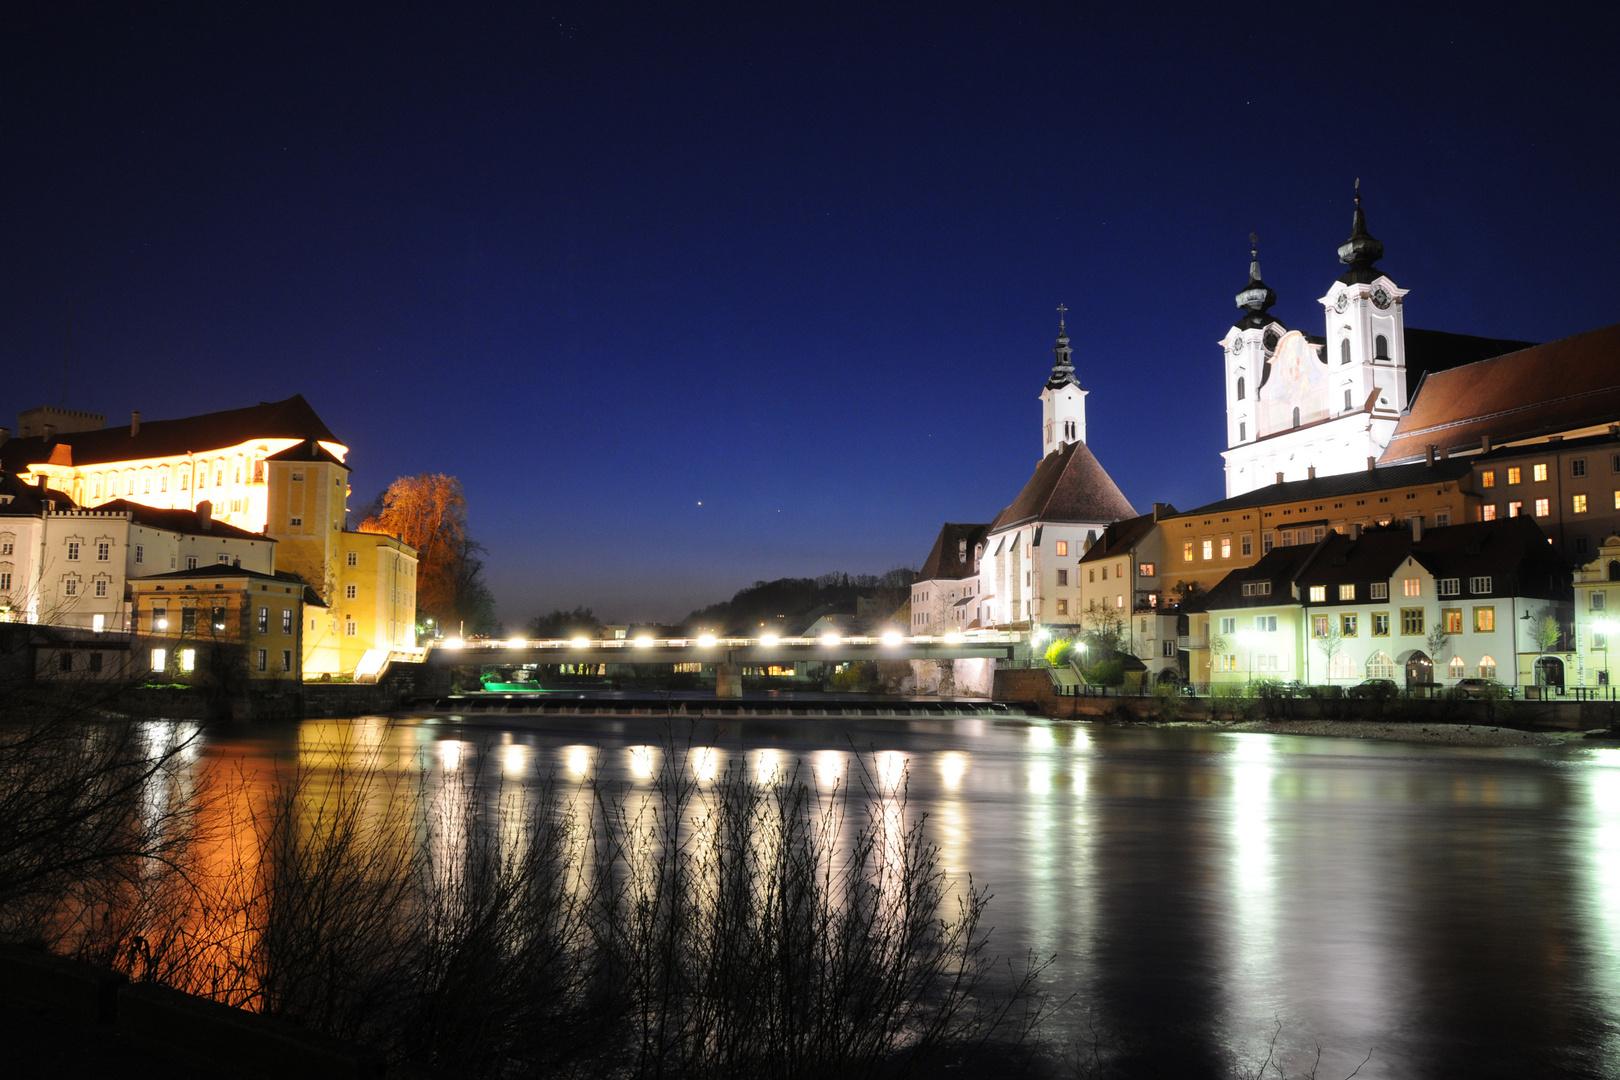 Steyrs Zwischenbrücken bei Nacht